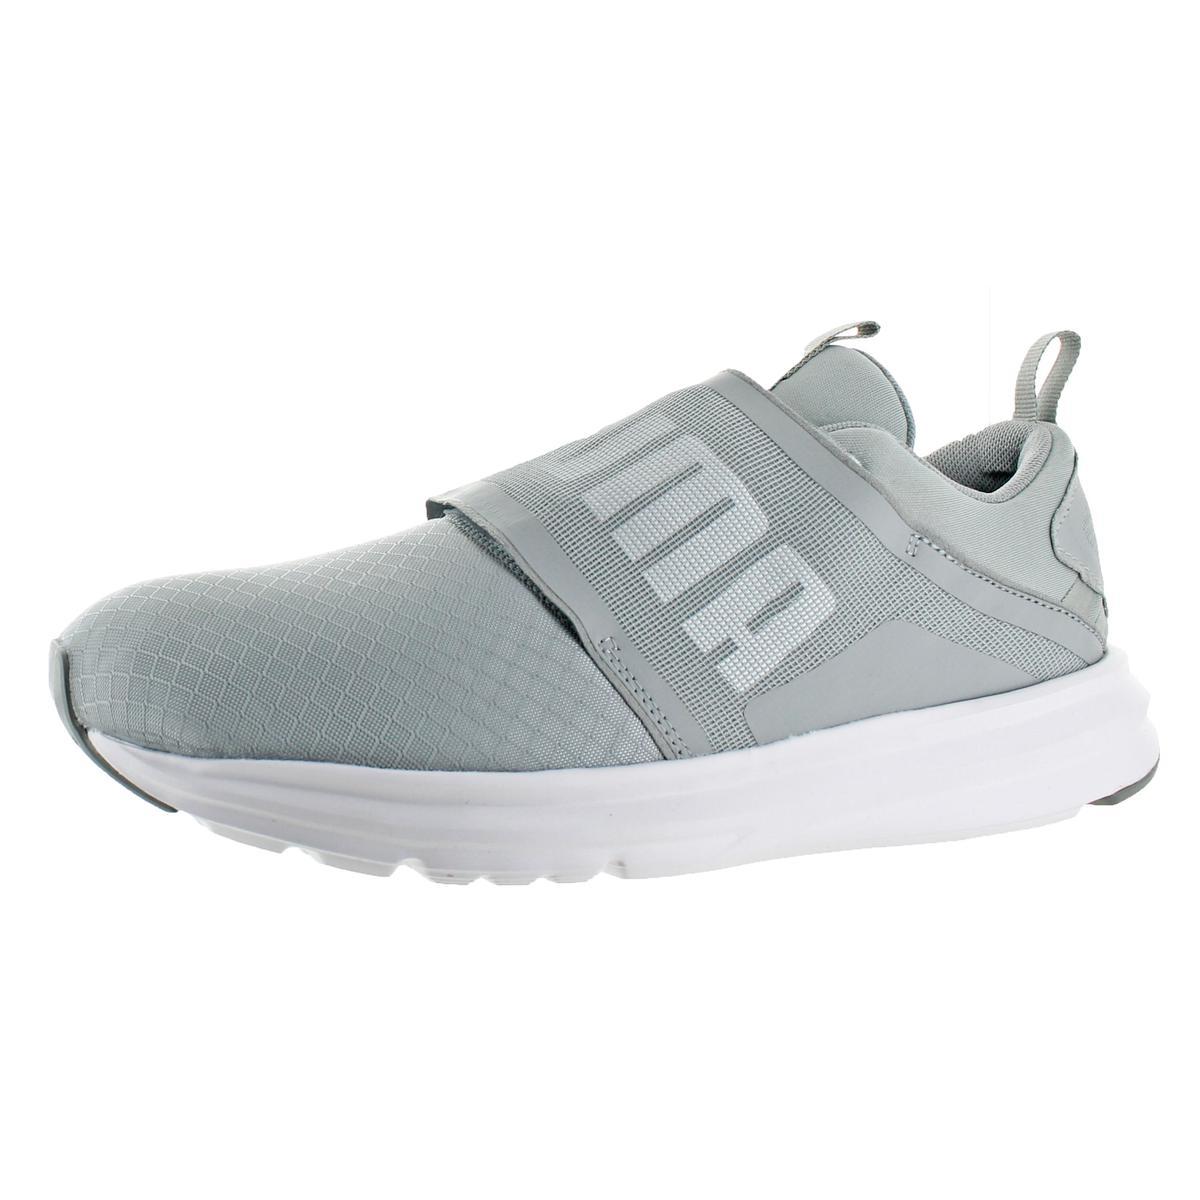 Puma Mens Enzo Strap Nautical Gray Fashion Running Shoes 11 Medium ... 676b0b5ec